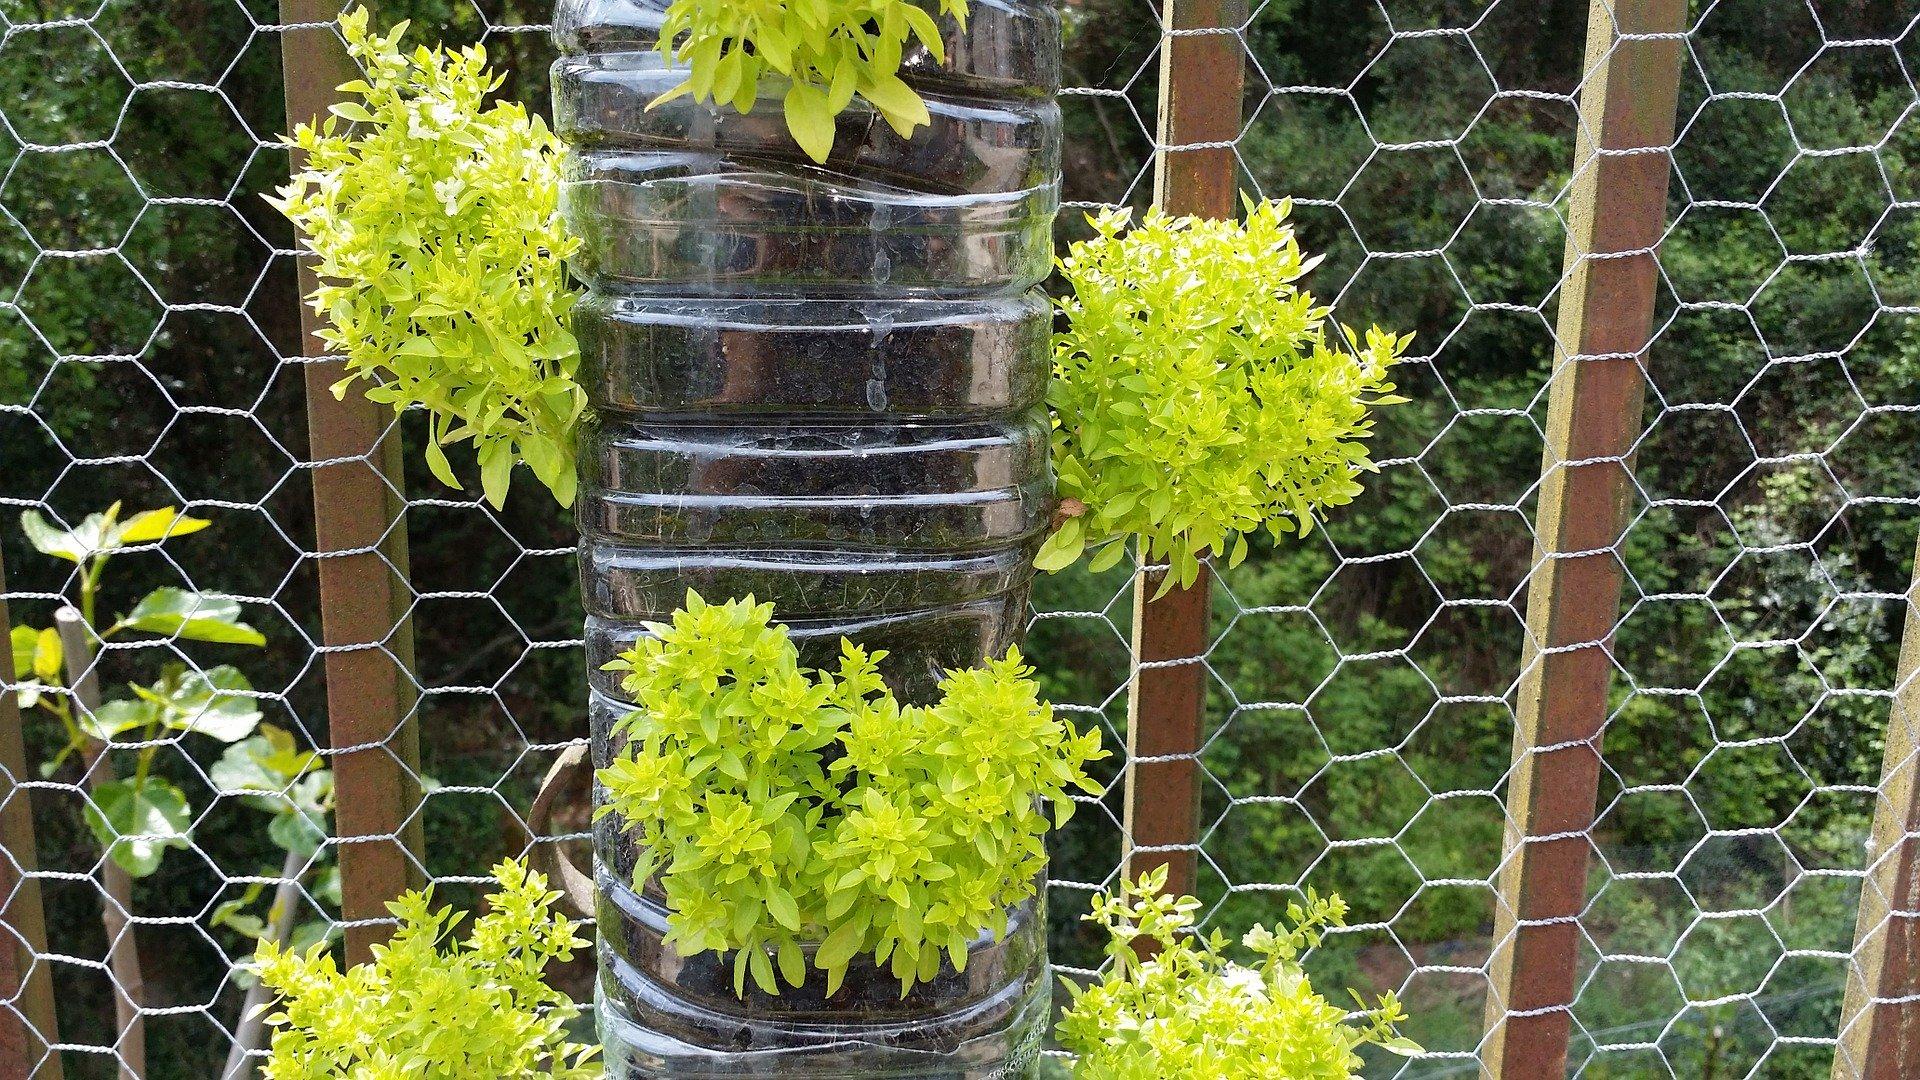 Giardini Verticali Fai Da Te il giardino verticale con il fai da te - #iorestoacasa